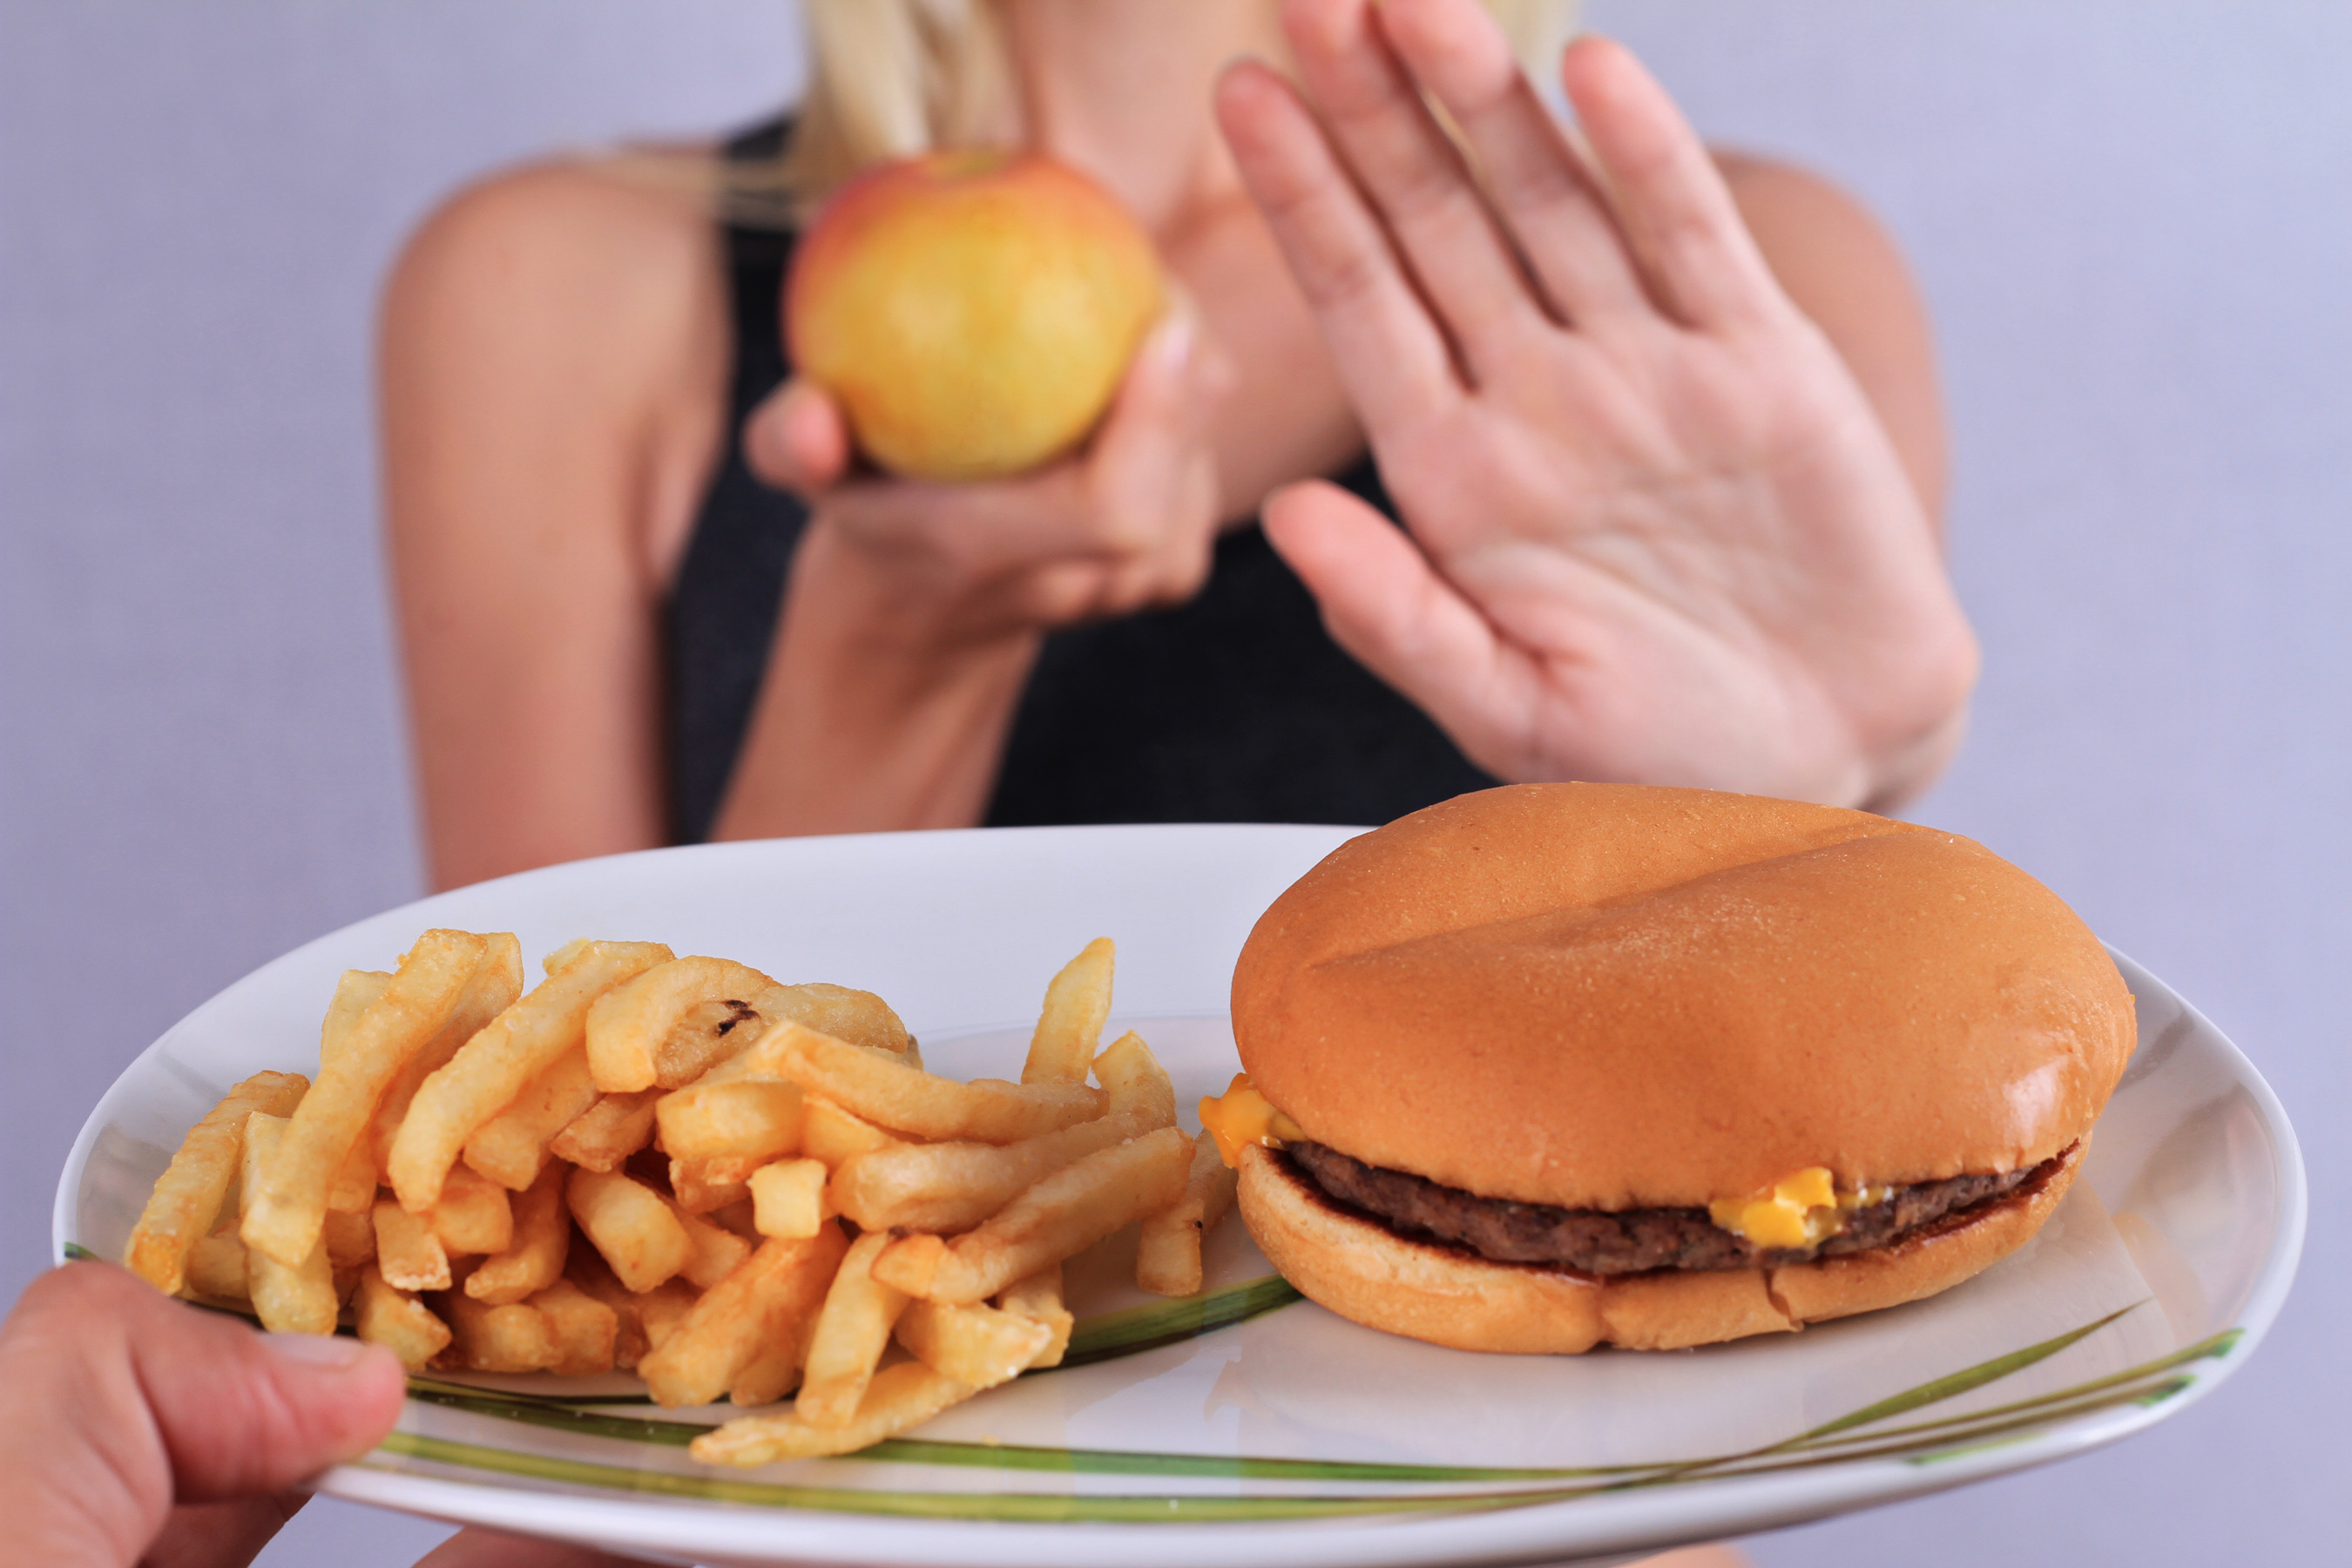 O beslenme şeklinde büyük risk! Ani ölüm riskini yüzde 46 artırabilir